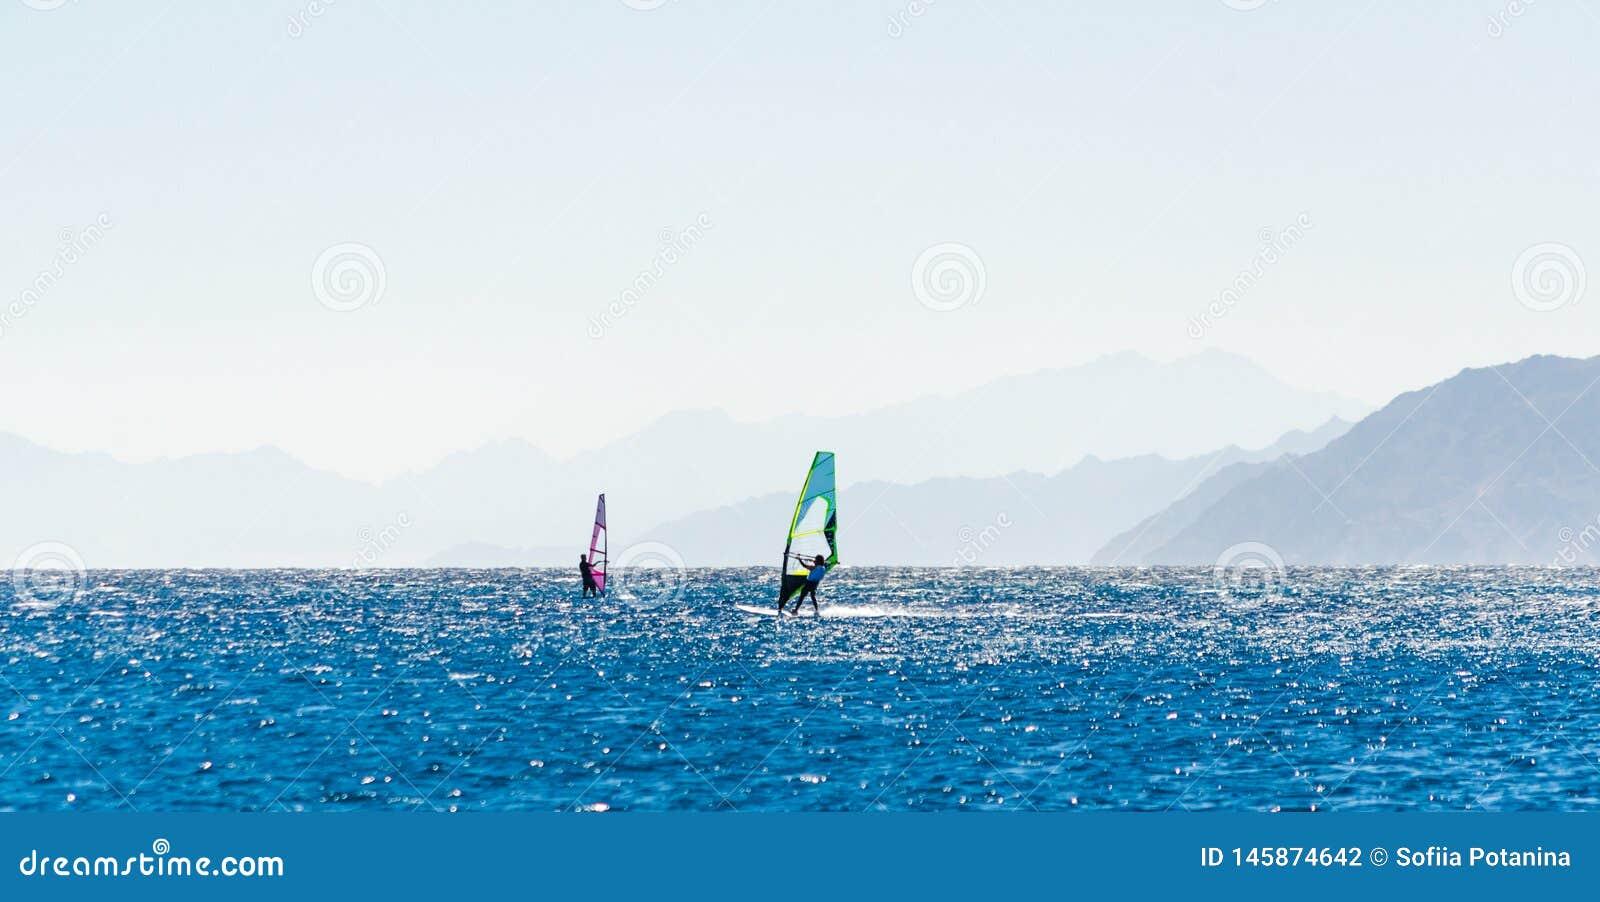 Surfingowowie jadą w Czerwonym morzu w Egipt przeciw tłu skalisty wybrzeże